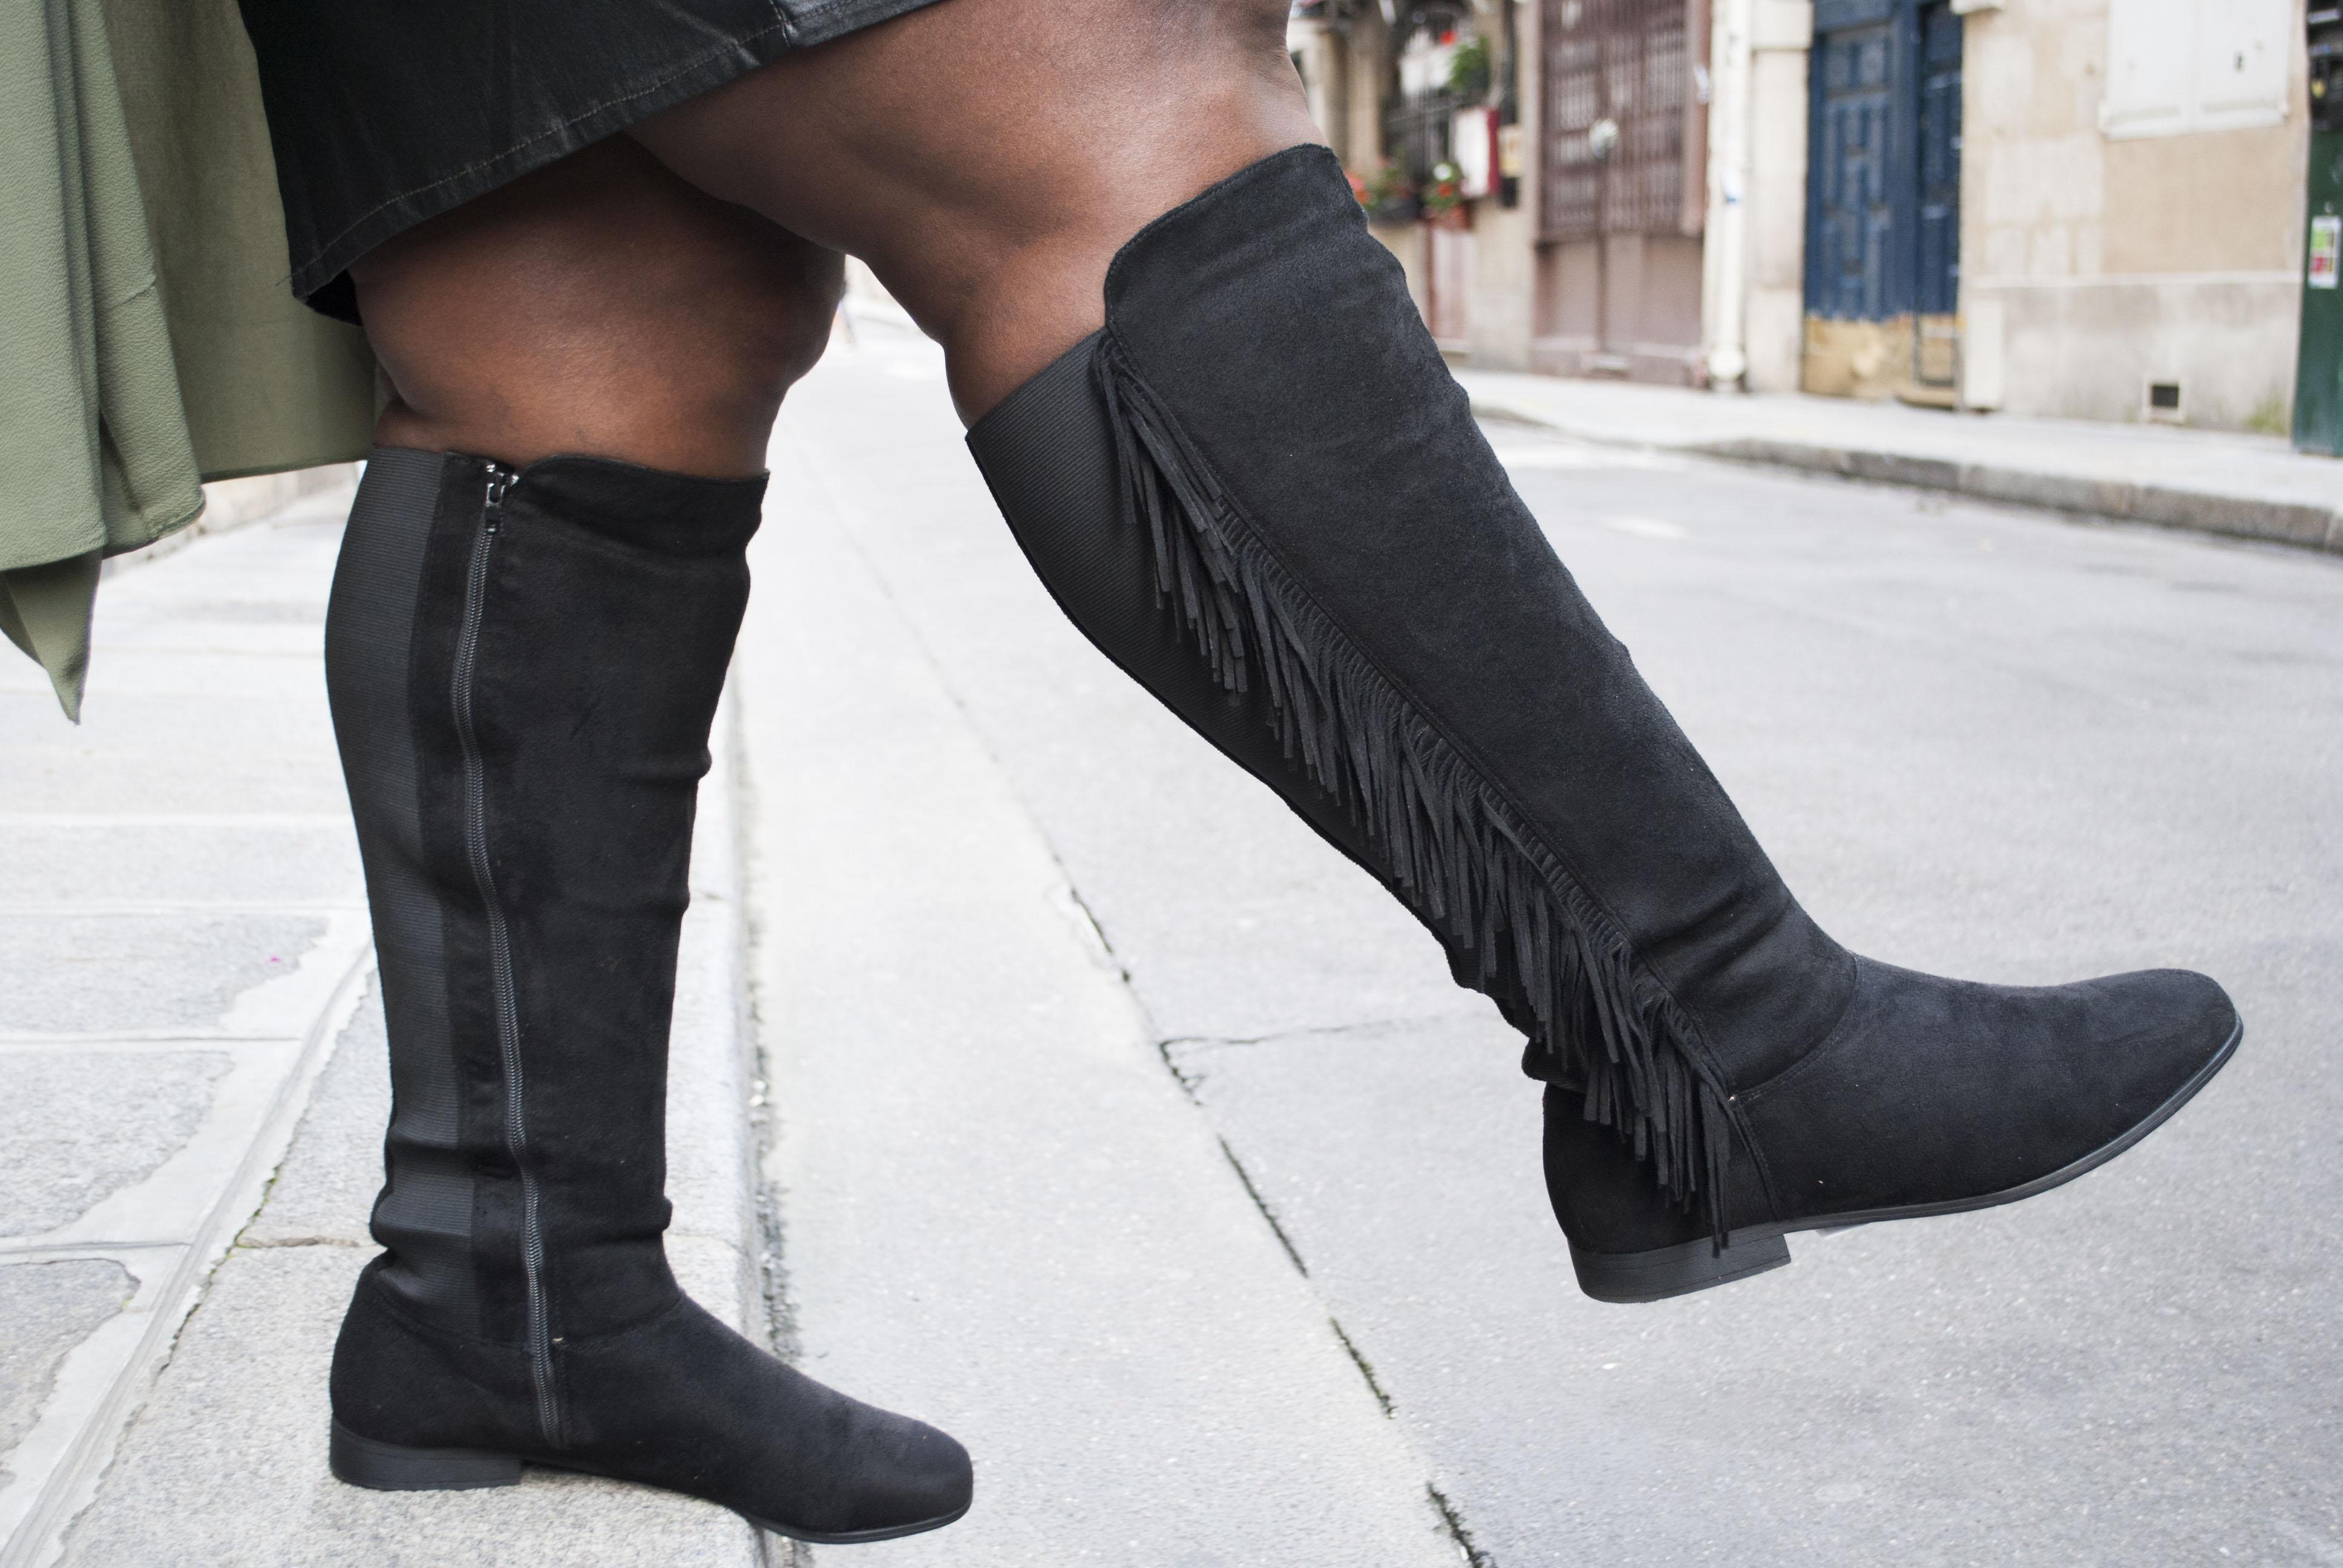 Bottes, motif fleur, pied large 38-45 . femme noir Castaluna : un large choix de chaussures